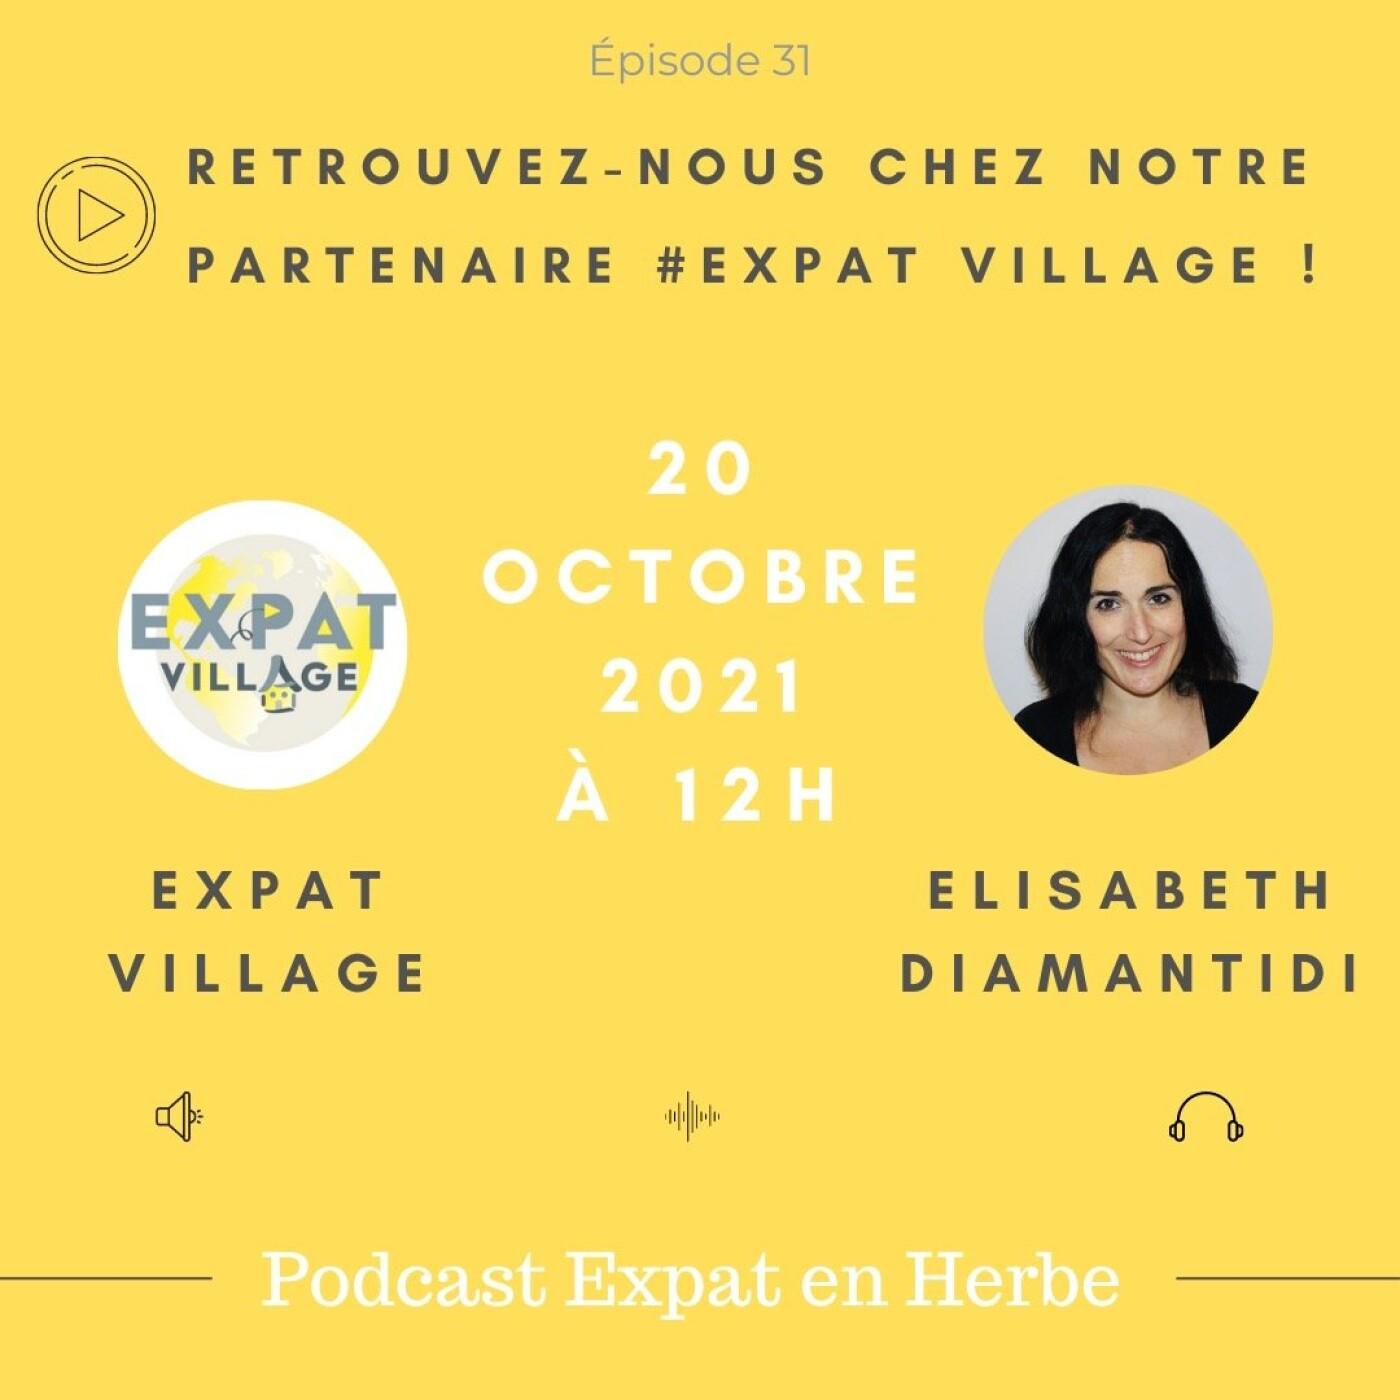 Babeth donne des idées pour pratiquer le Français avec les enfants de manière ludique - 20 10 2021 - StereoChic Radio